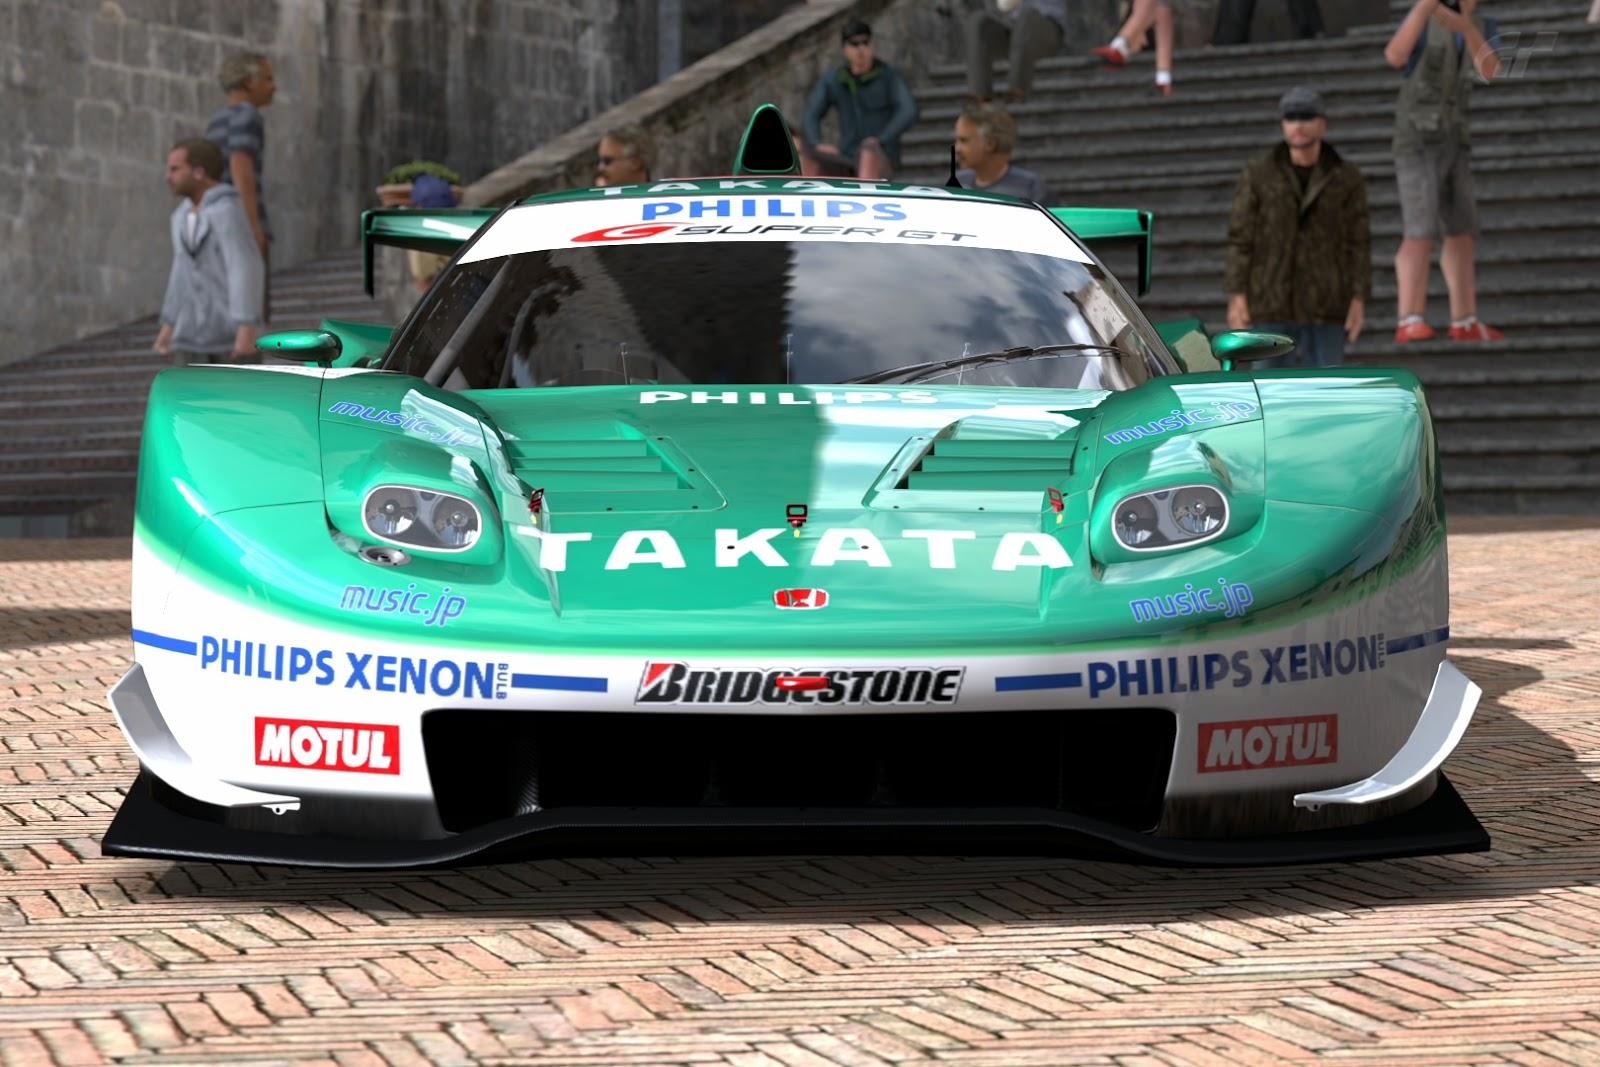 Gran Turismo Photo Dump: GT5 2006 Honda Takata Dome NSX